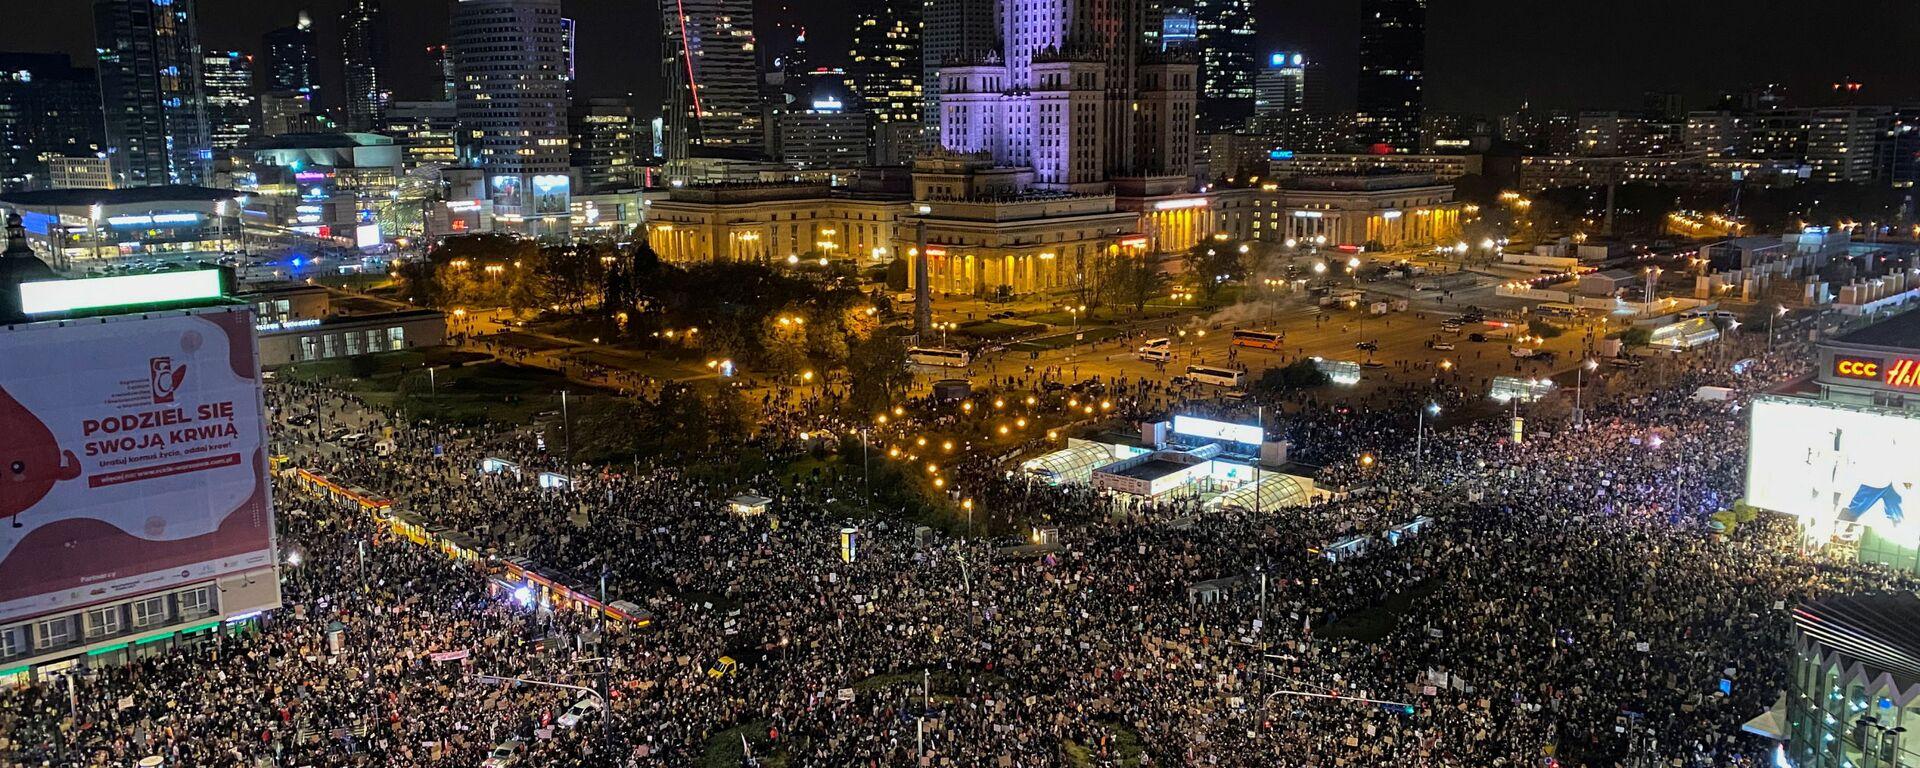 Protesty w Warszawie - Sputnik Polska, 1920, 03.11.2020